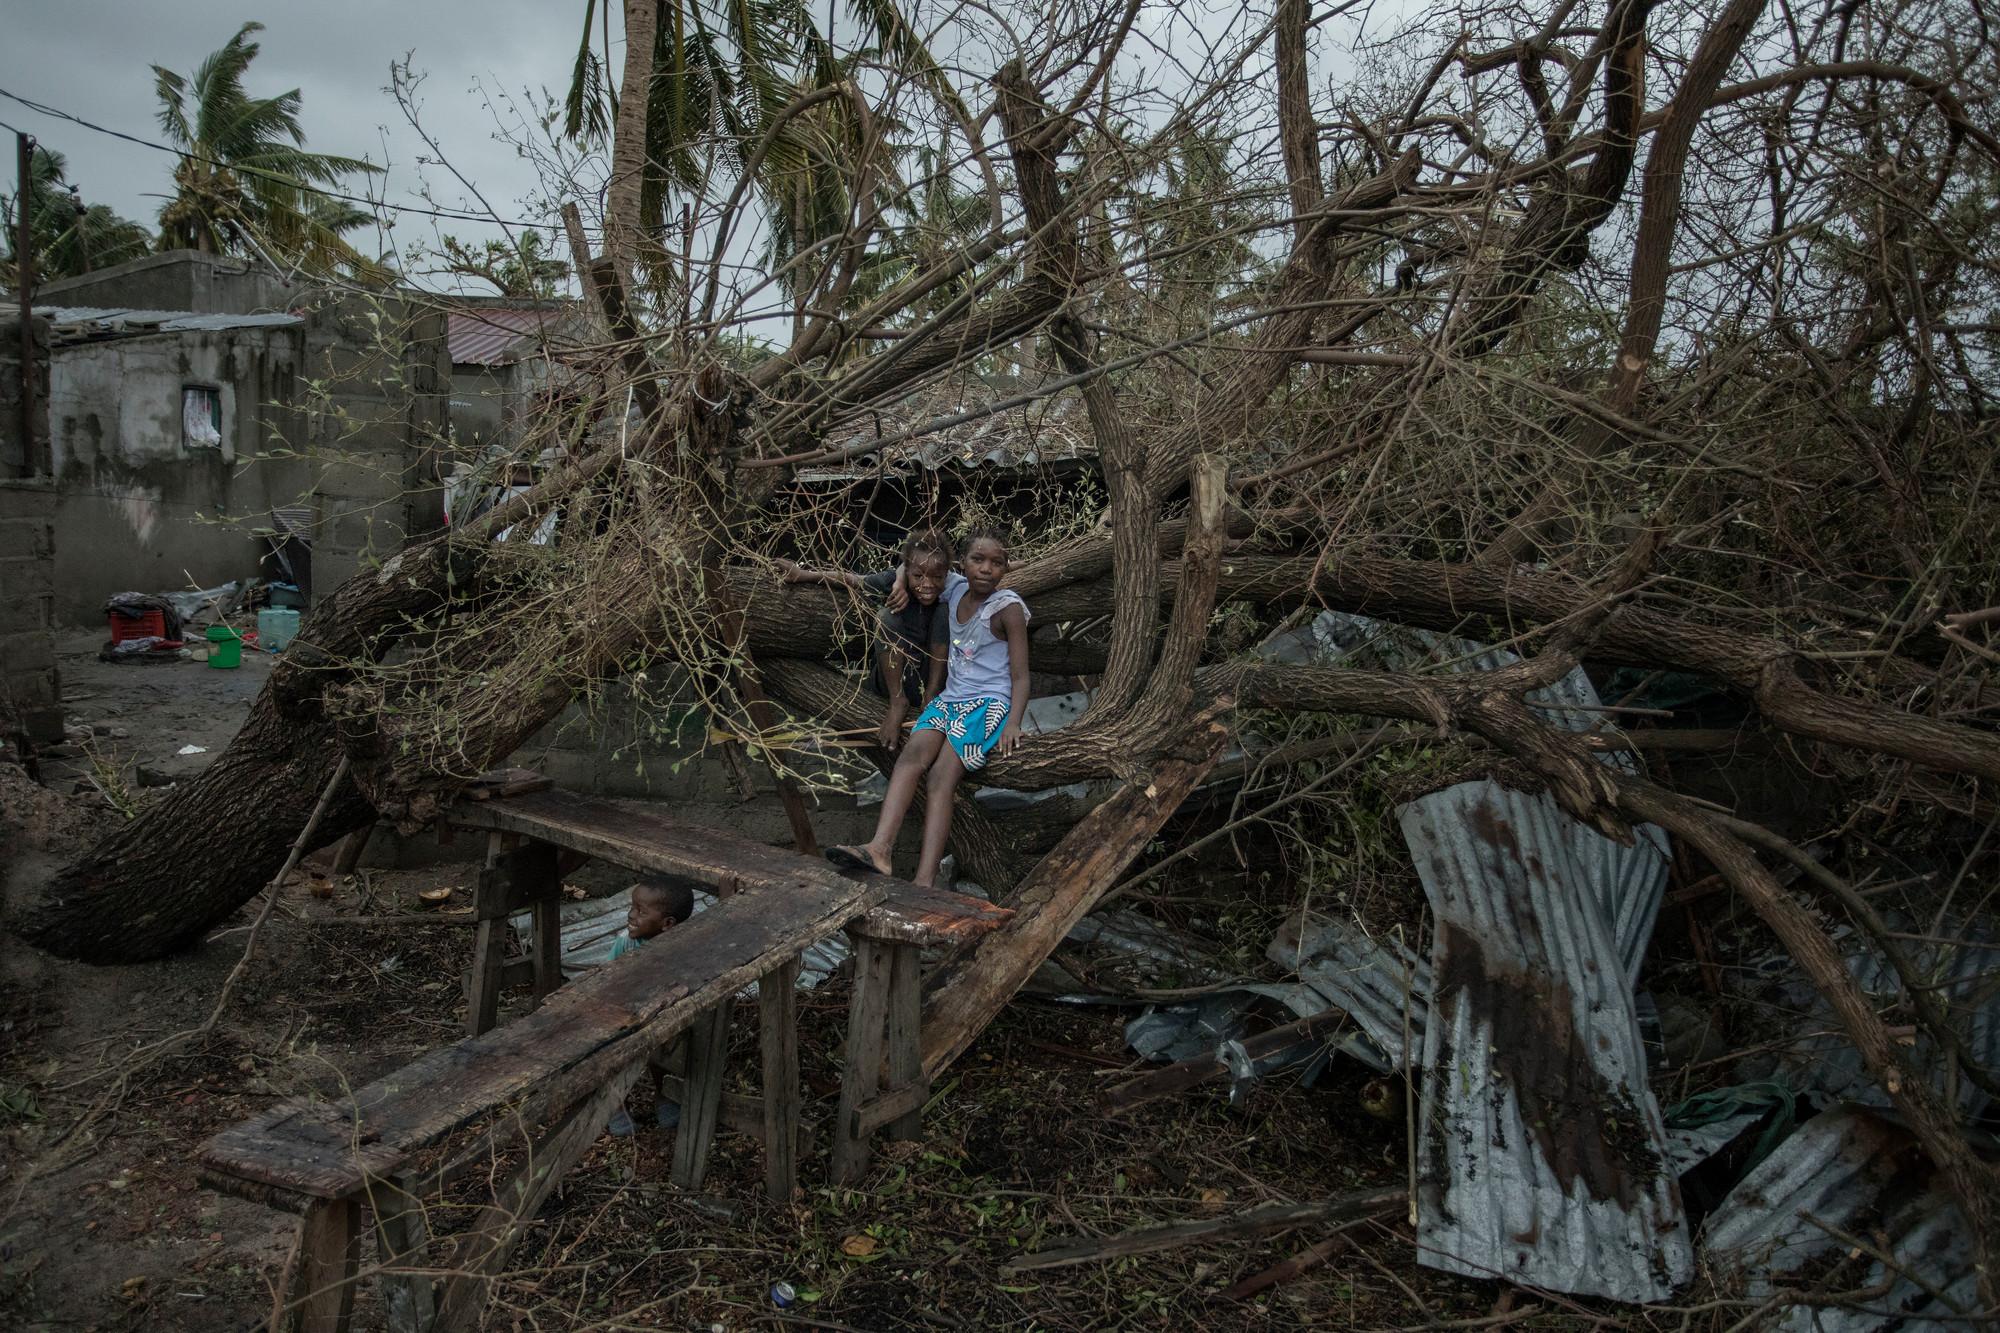 El ciclón Idai arrasó aldeas y partió las carreteras por la mitad, desplazando a millones, cuando azotó el sur de África en marzo. Foto: Josh Estey / CARE